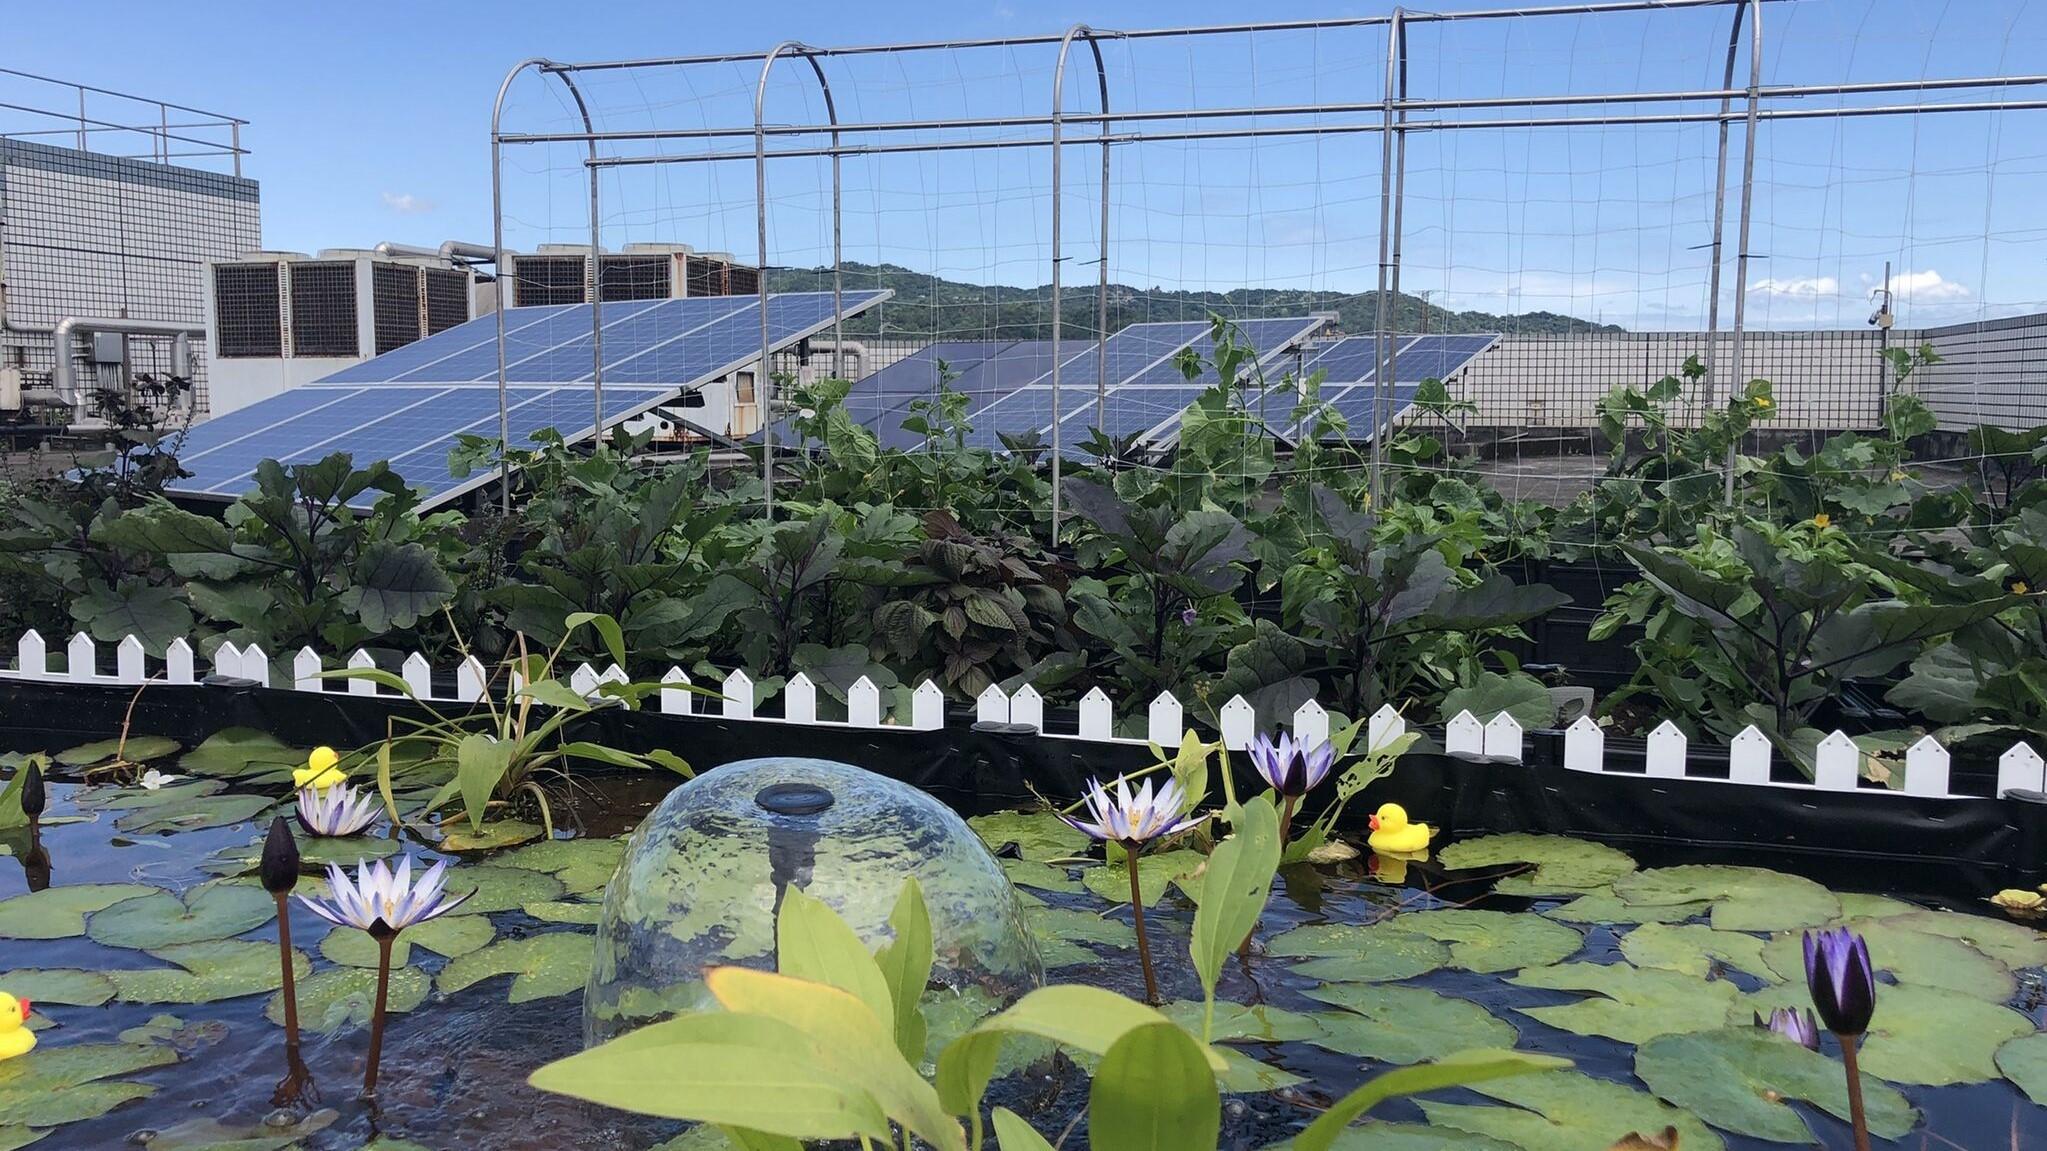 ▲▼鴻海首次揭露去年發電量、太陽能發電廠數量及綠電用量。(圖/翻攝自Linked in/鴻海精密工業股份有限公司)